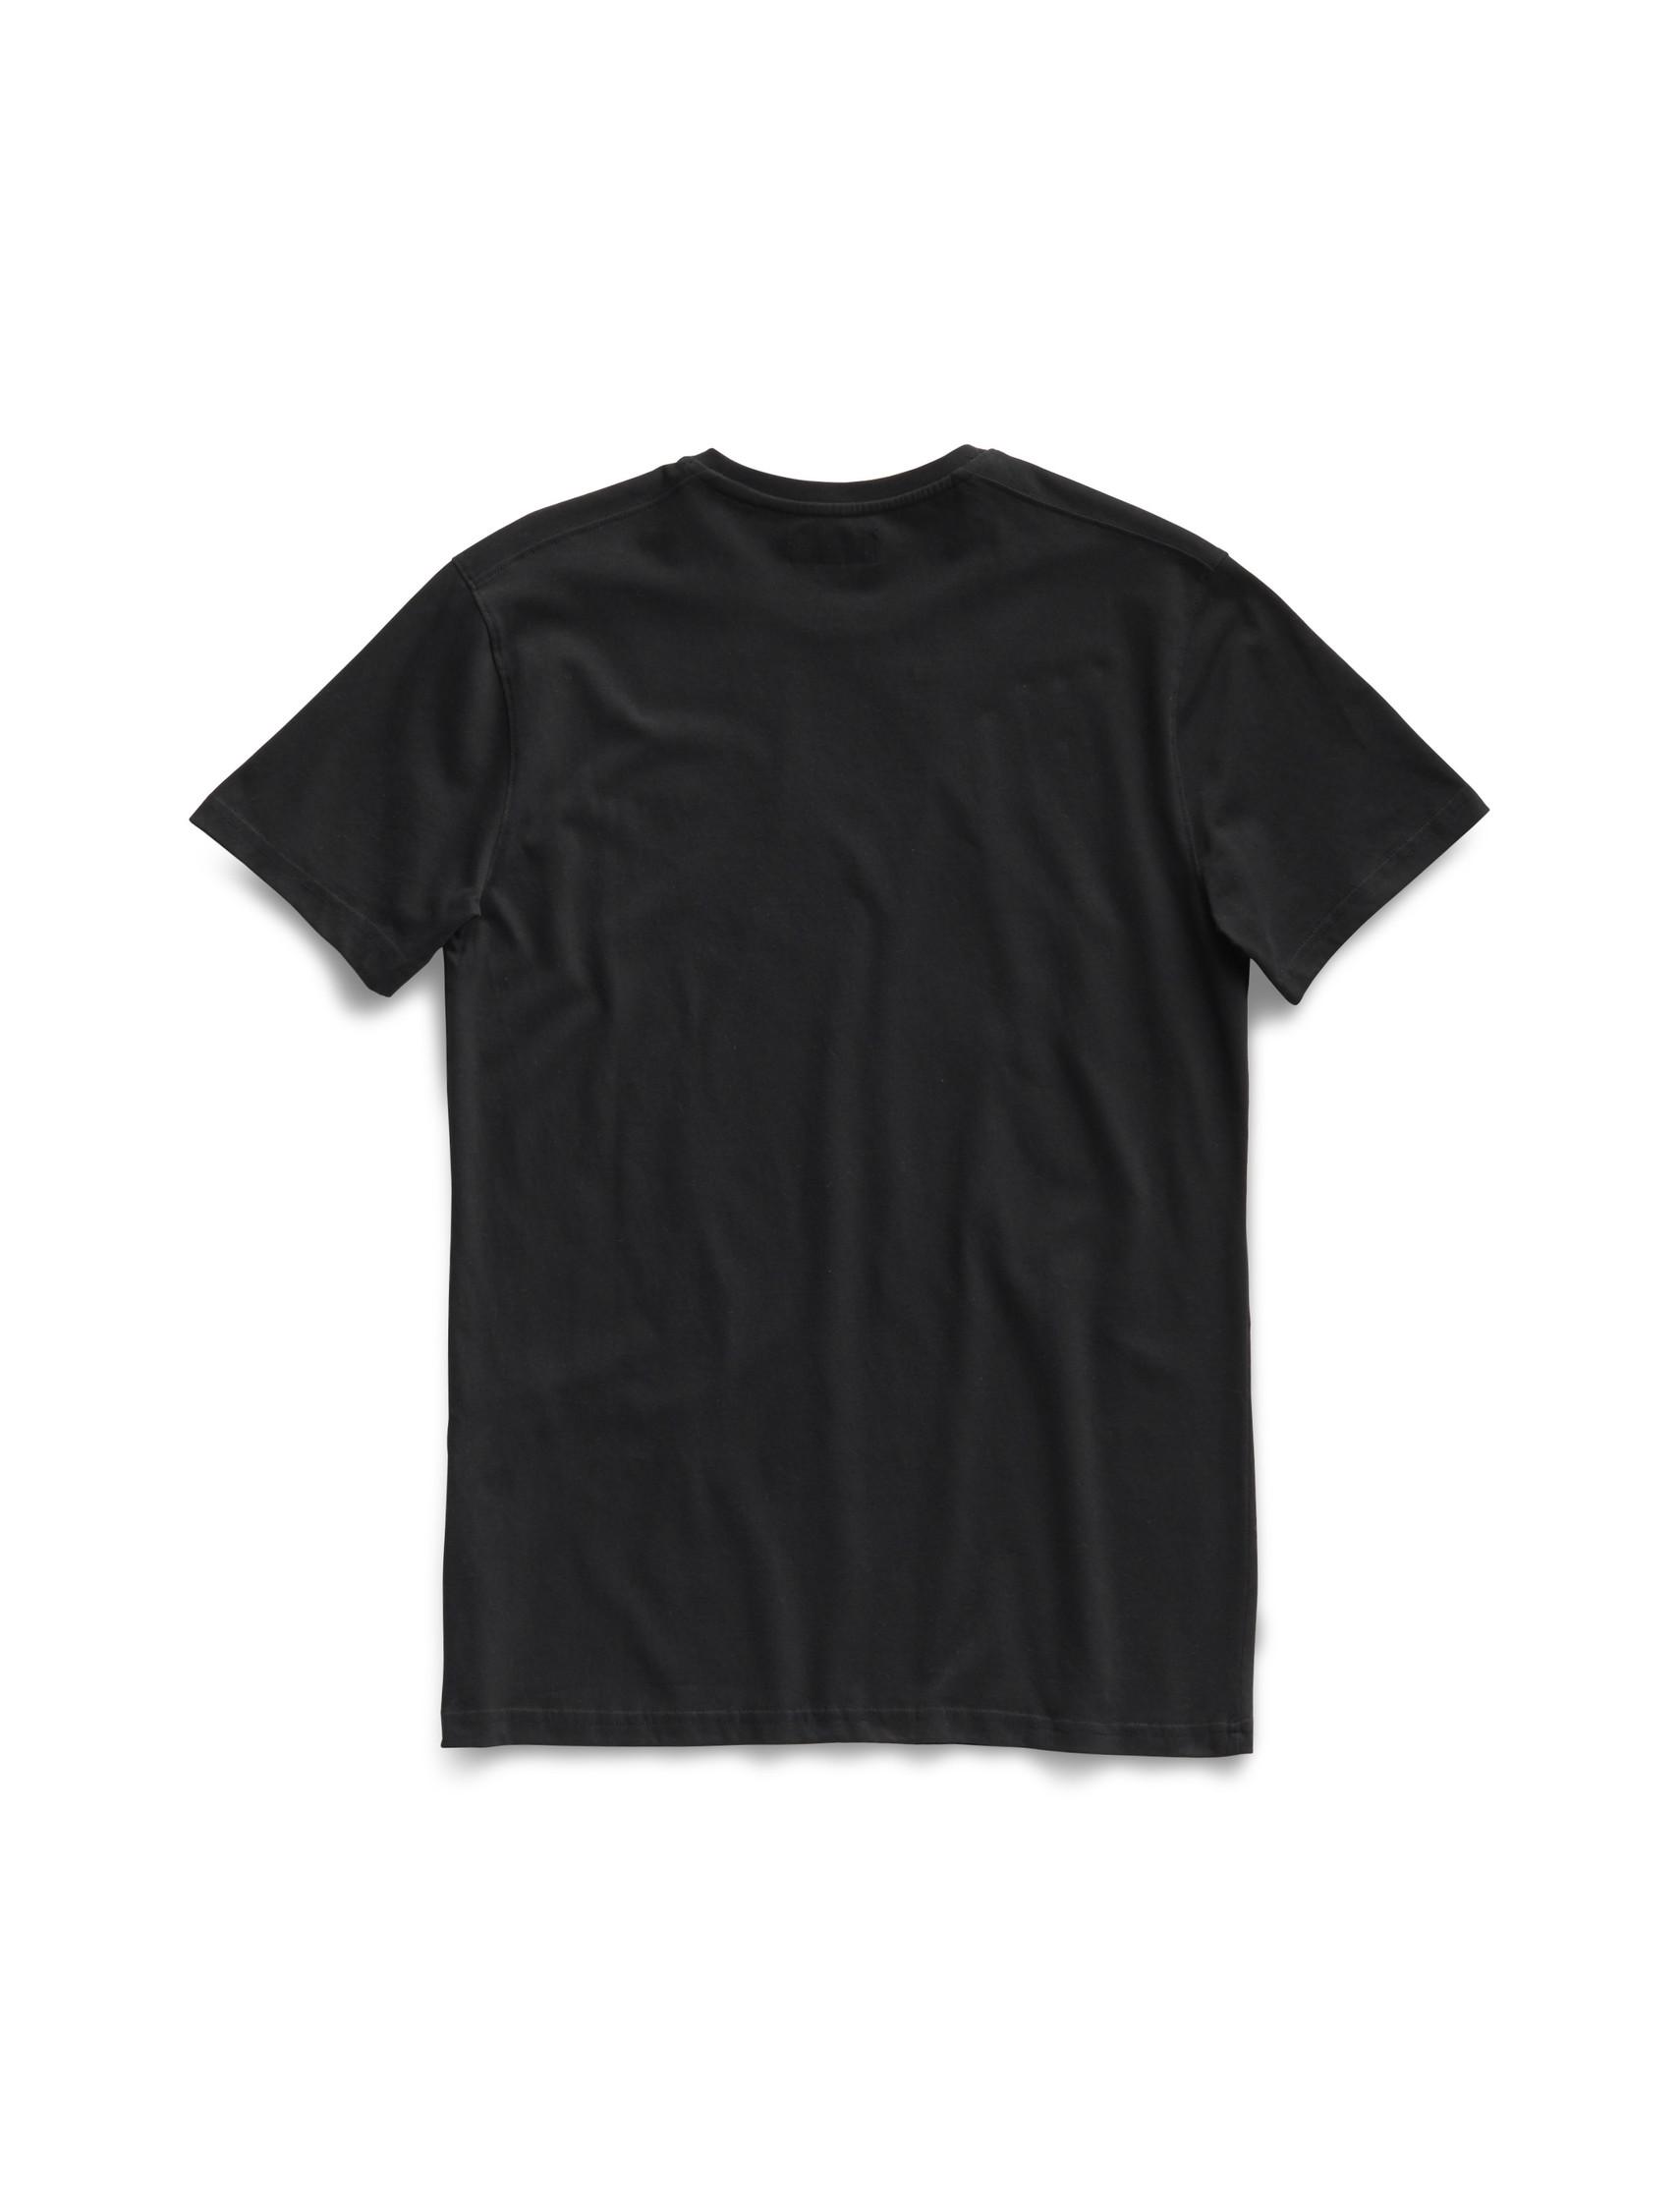 Peace Tee - Black (last sizes)